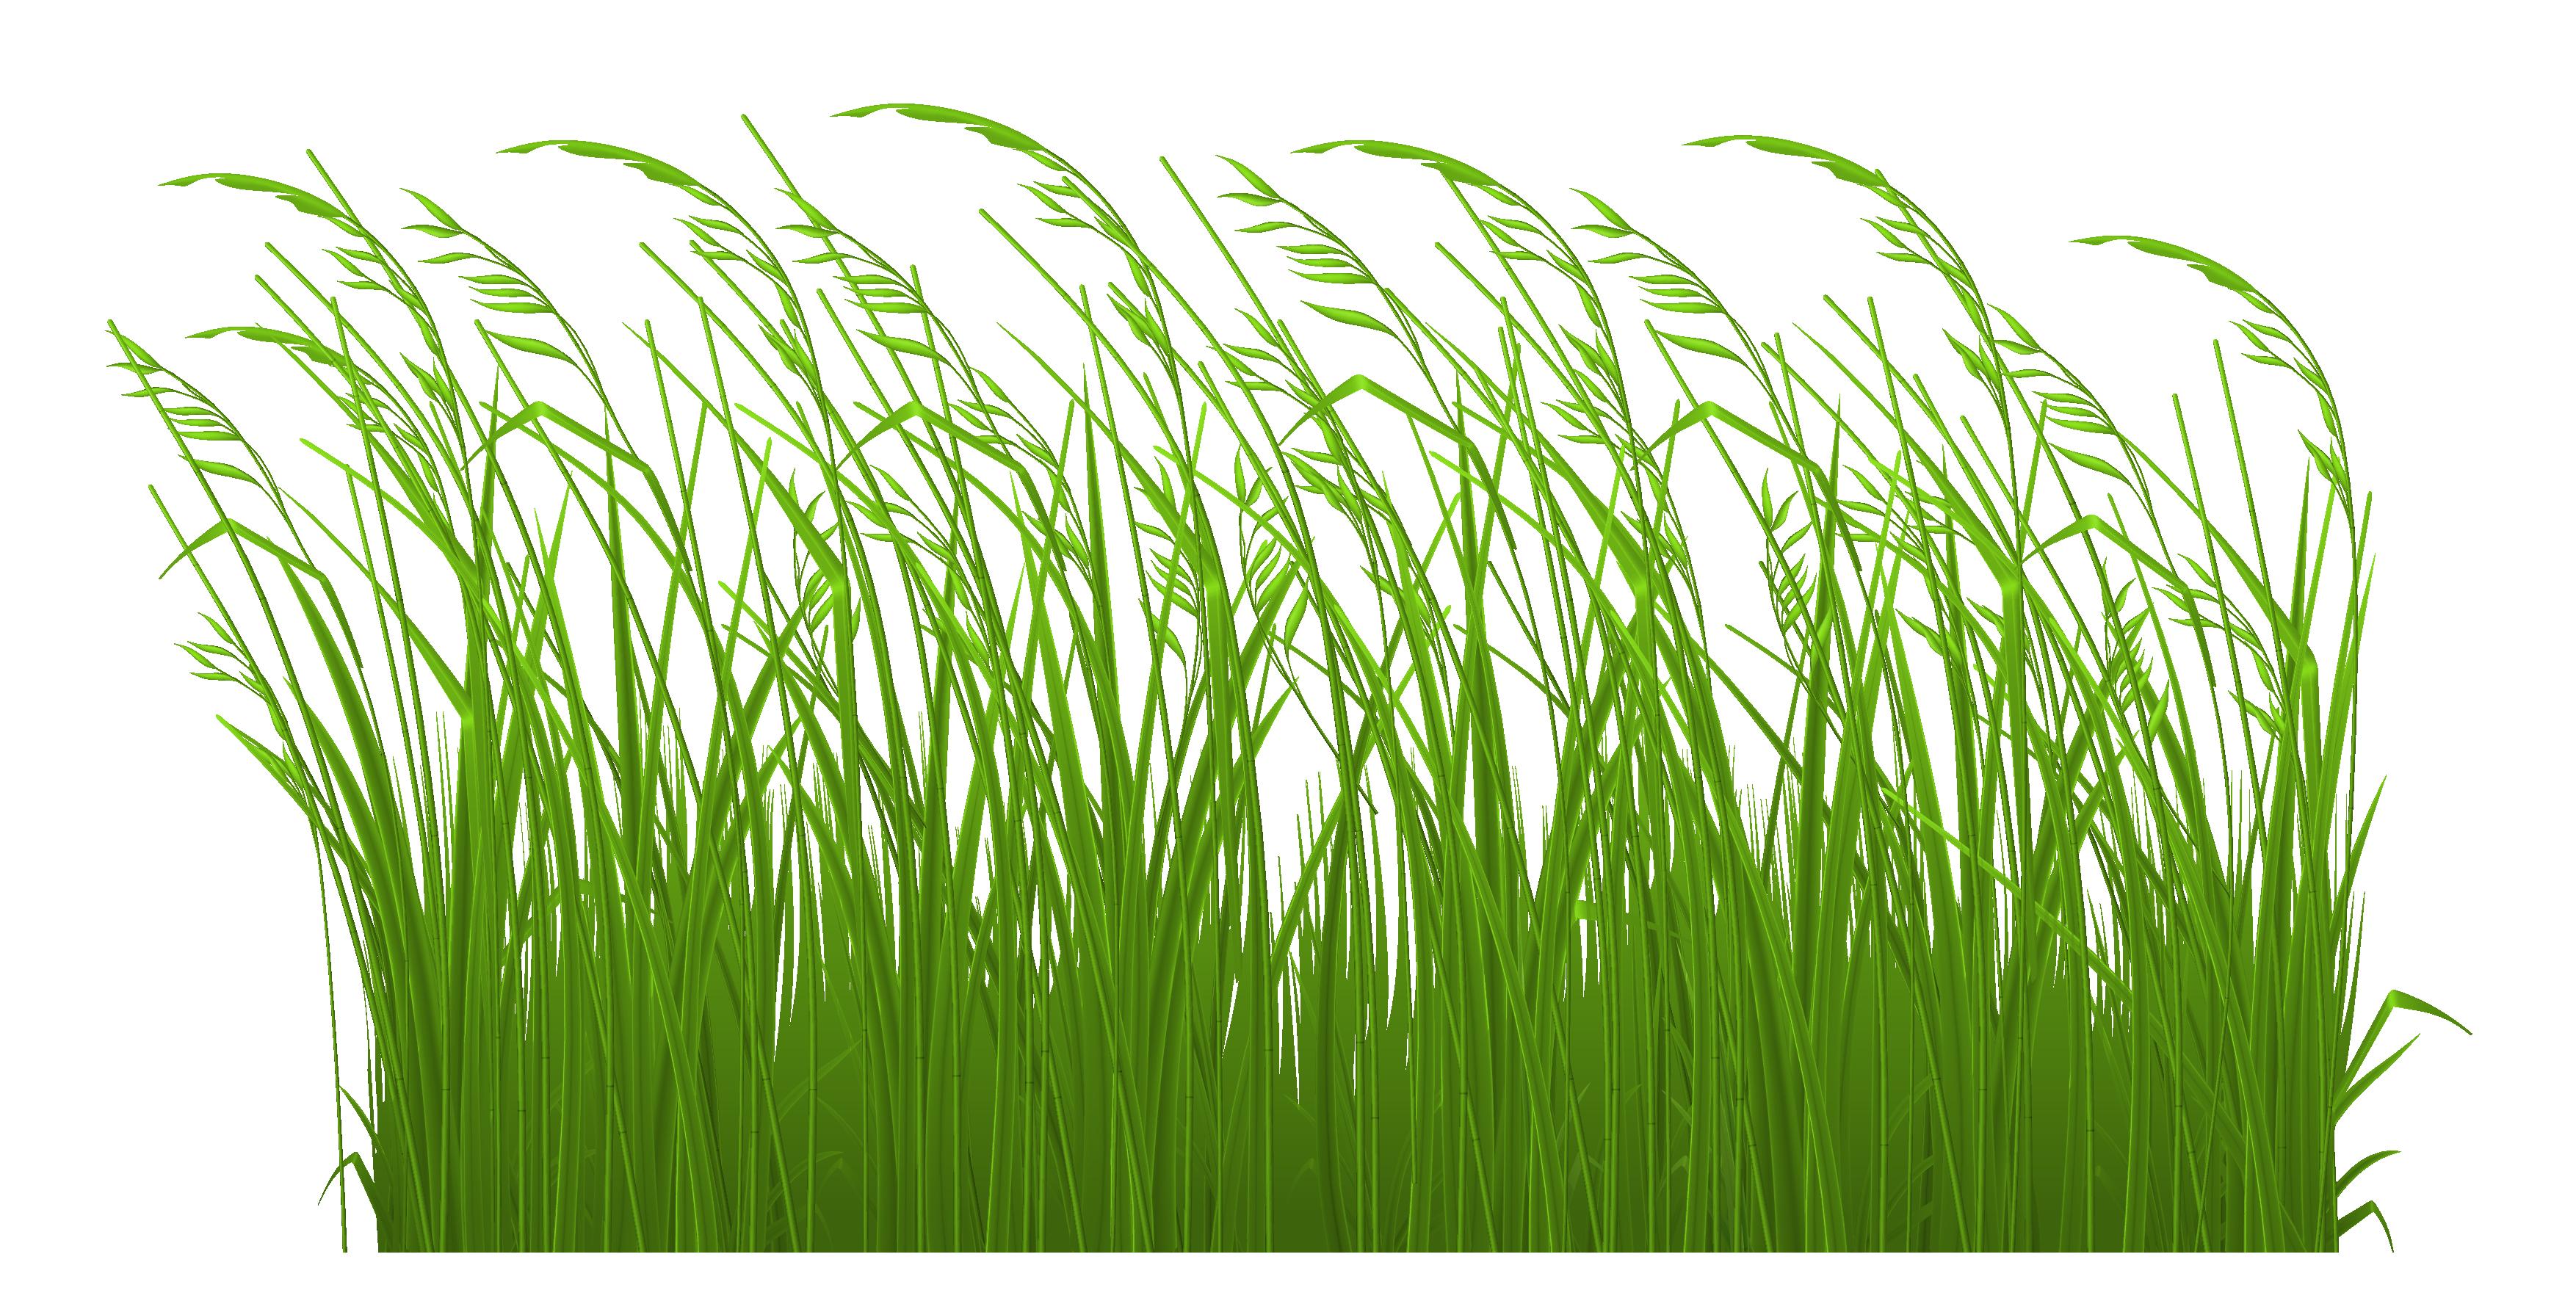 Decorative grass clipart picture 0